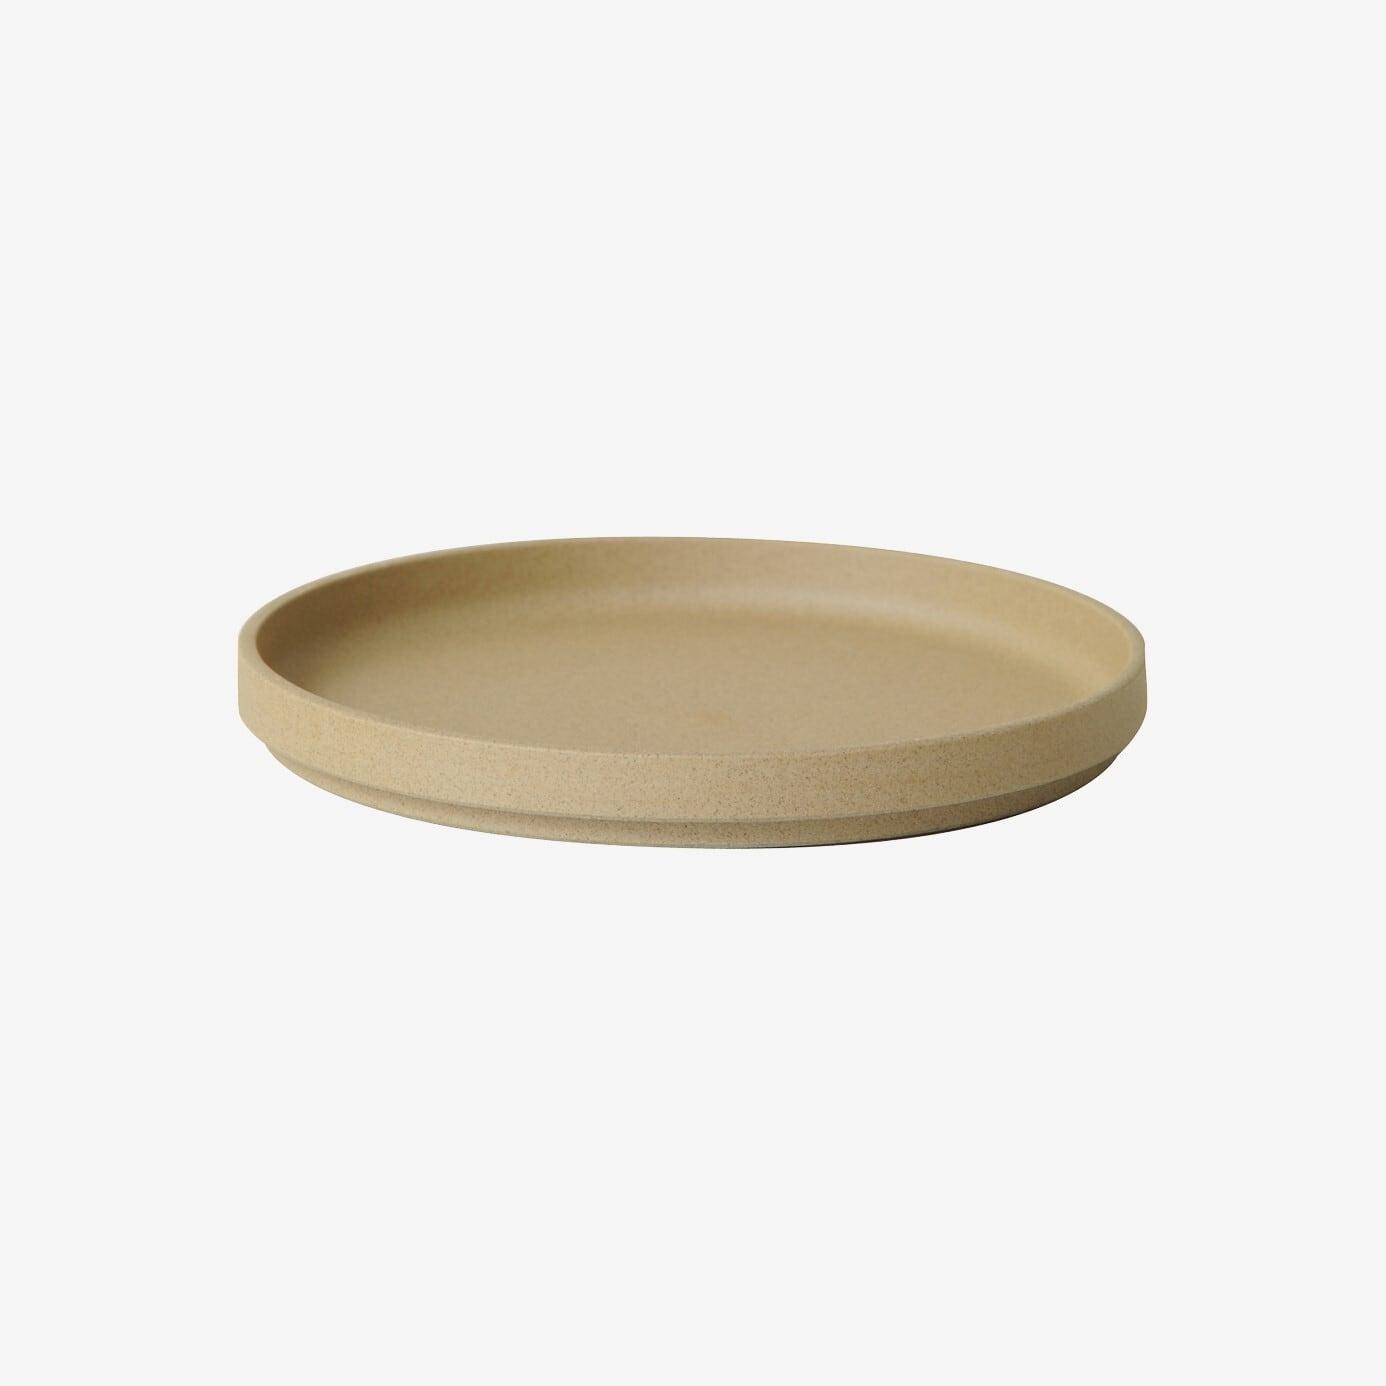 HASAMI PORCELAIN (ハサミポーセリン) Plate (Natural / ナチュラル) 【185x21】HP003